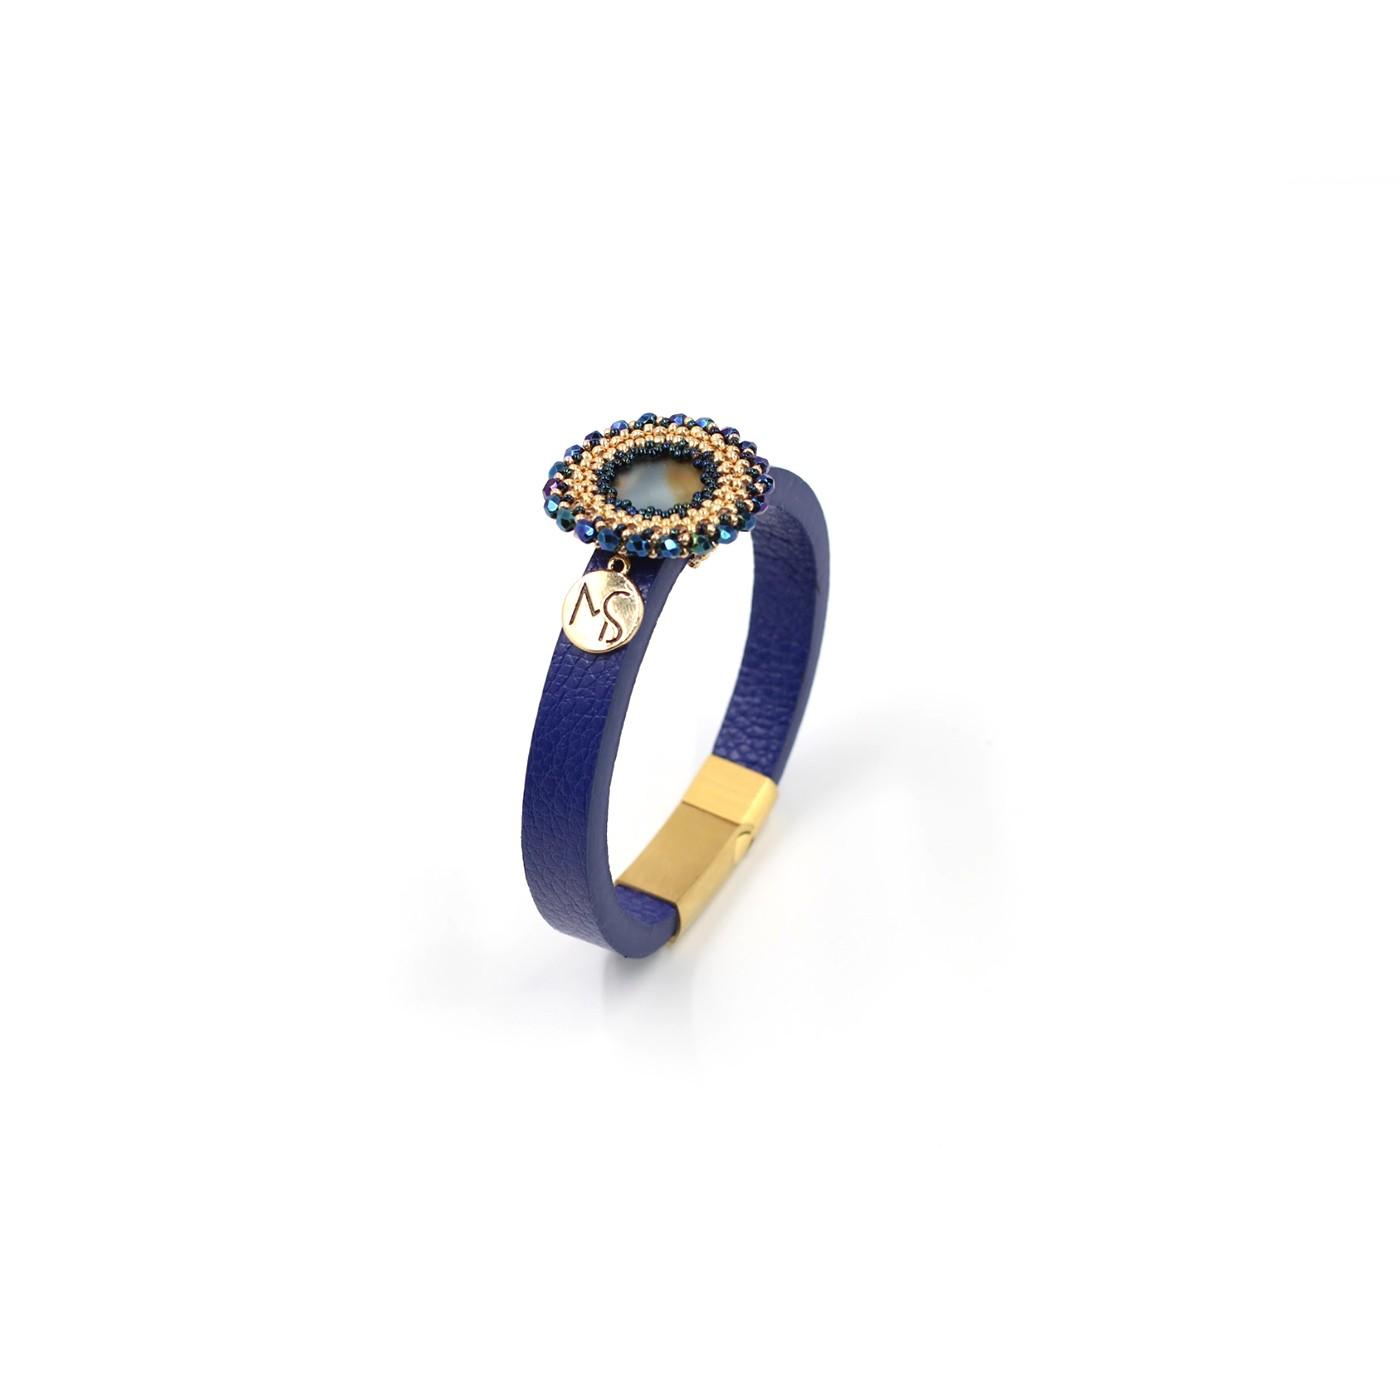 Lederarmband blau mit eingefasstem Cabochon